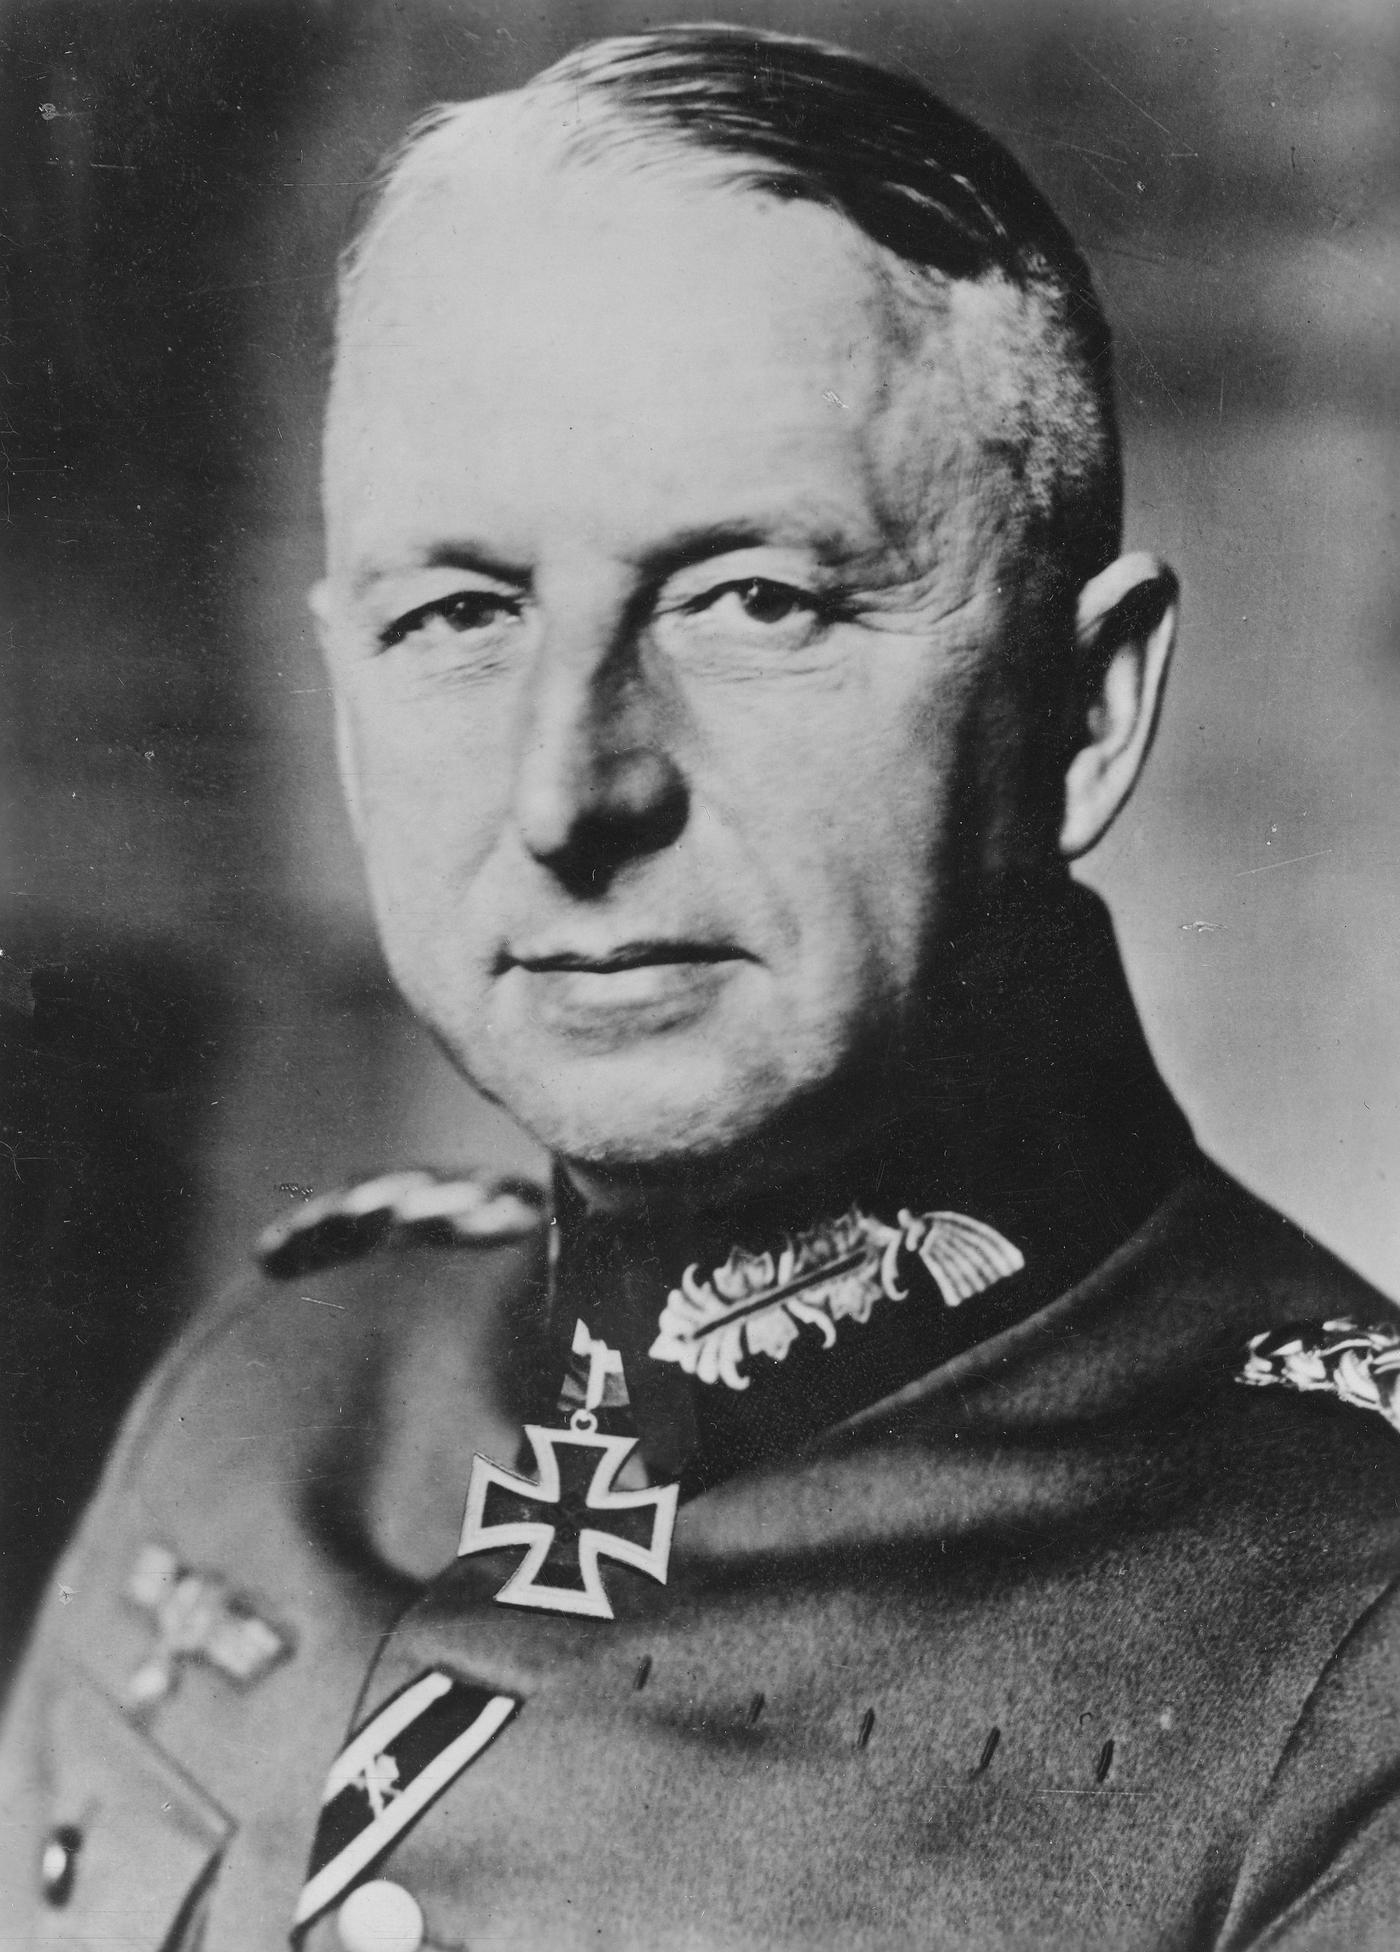 Feldmarszałek Erich von Manstein wskazywał na kluczowy błąd w polskich założeniach obronnych poczynionych przed niemiecką inwazją w 1939 roku.